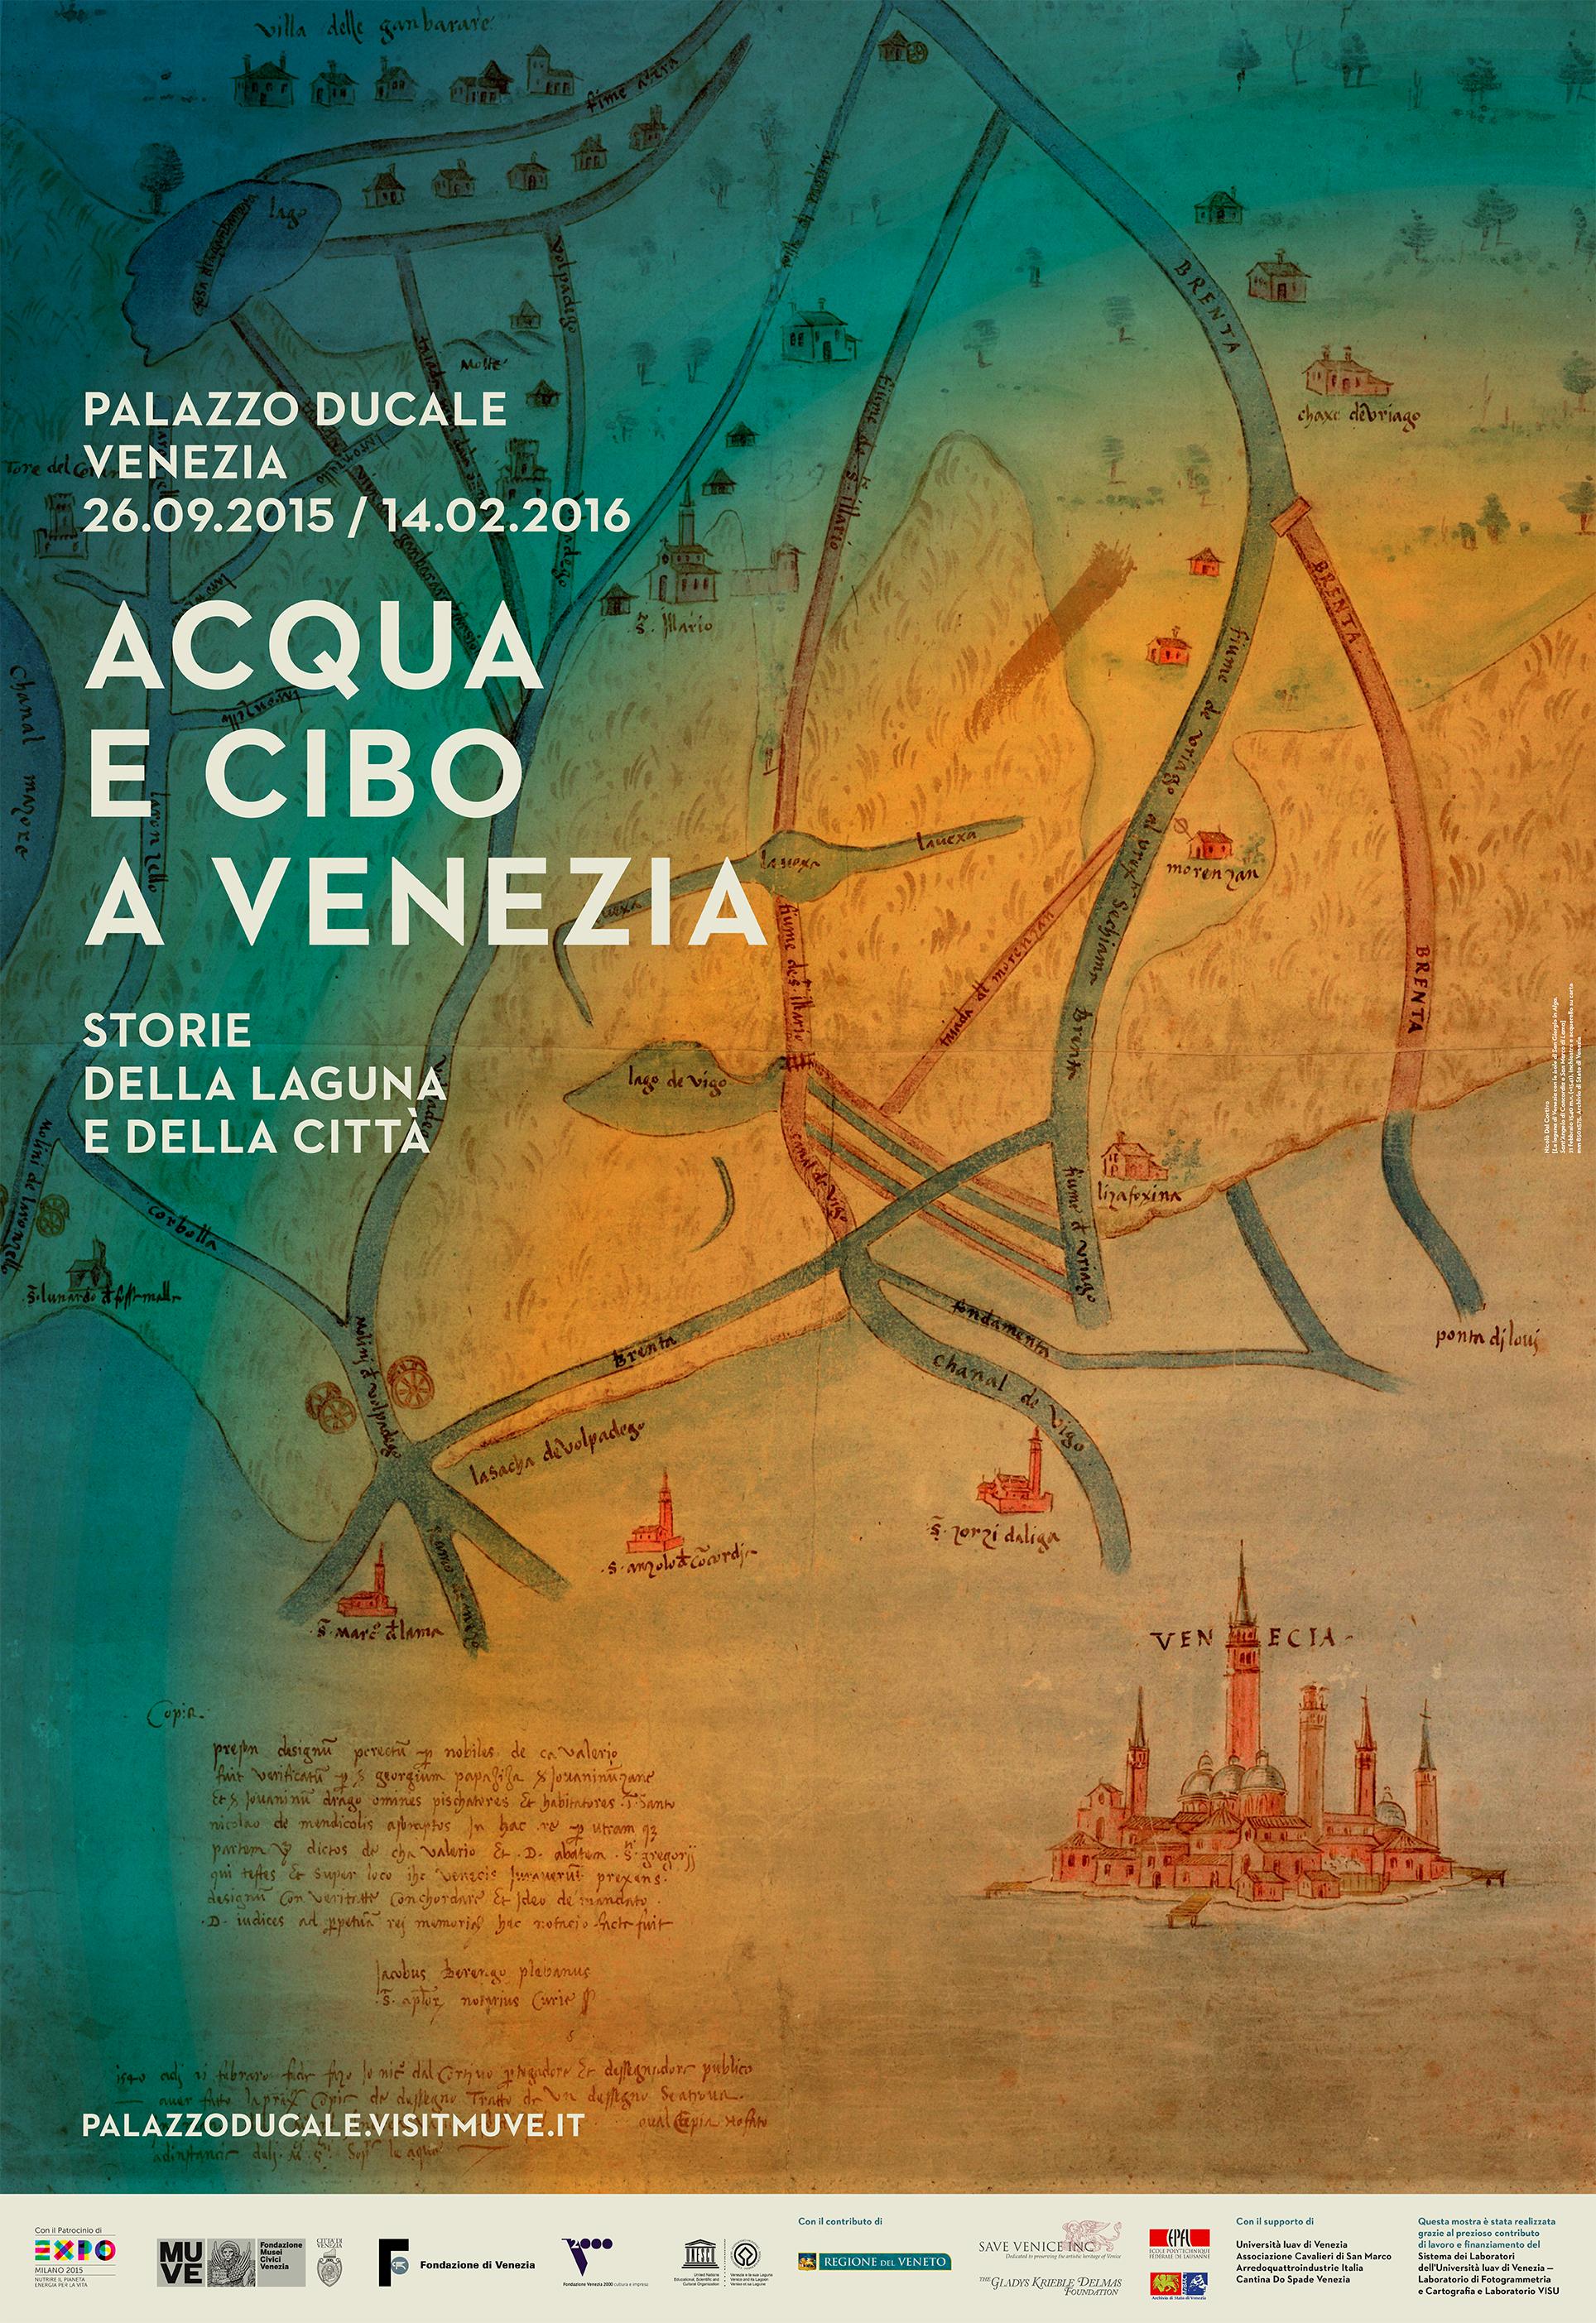 Acqua e cibo a venezia